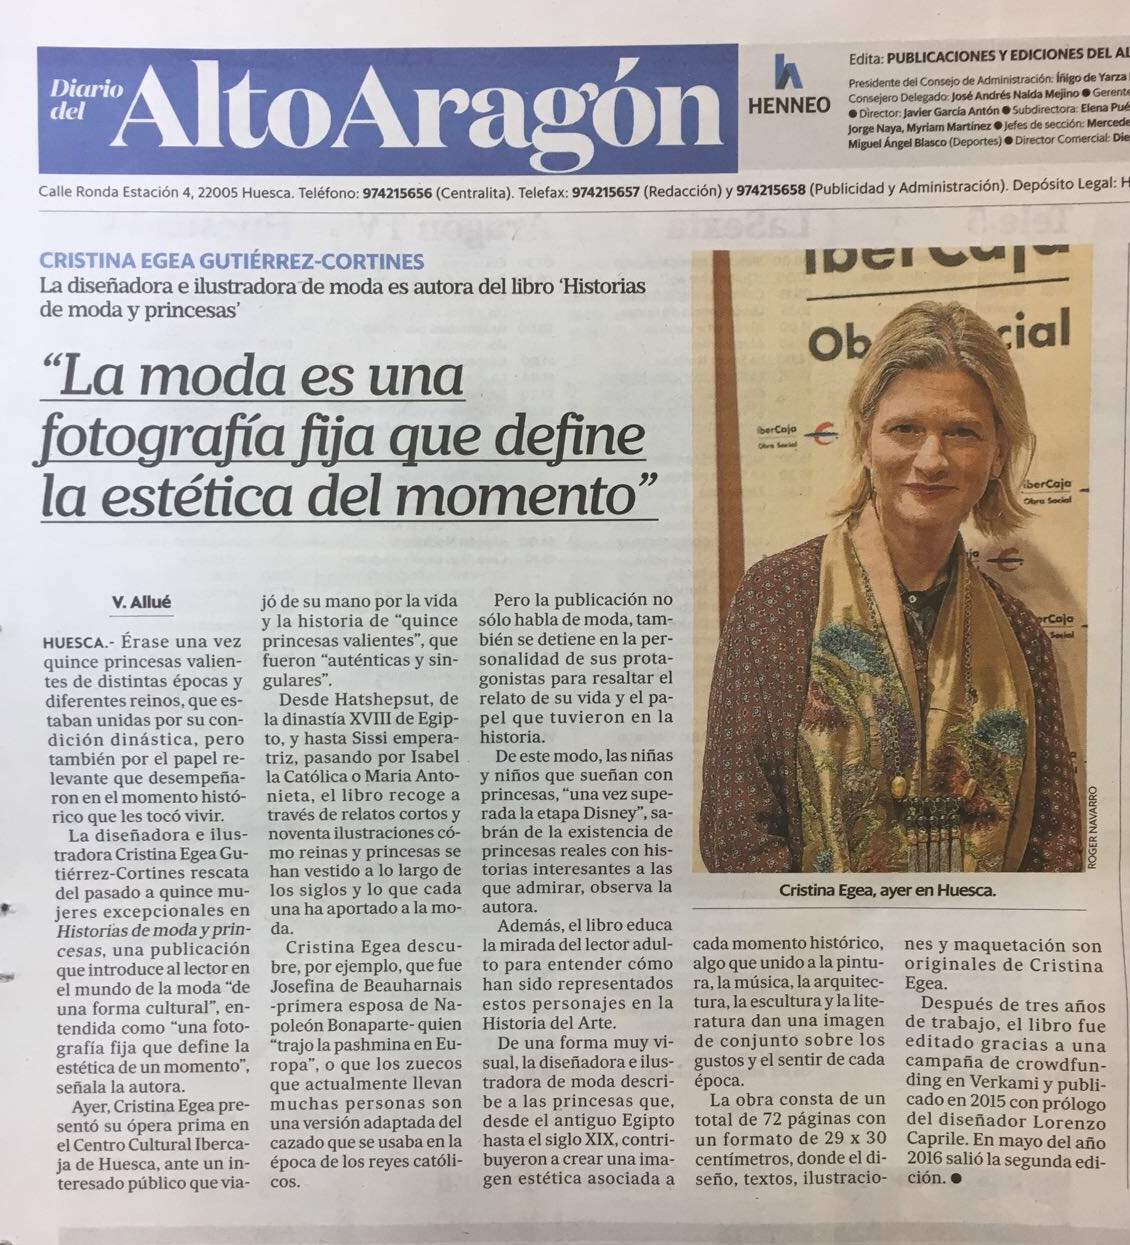 """Entrevista a Cristina Egea autora del libro """" Historias de Moda y Princesas"""", por Verónica Allué"""